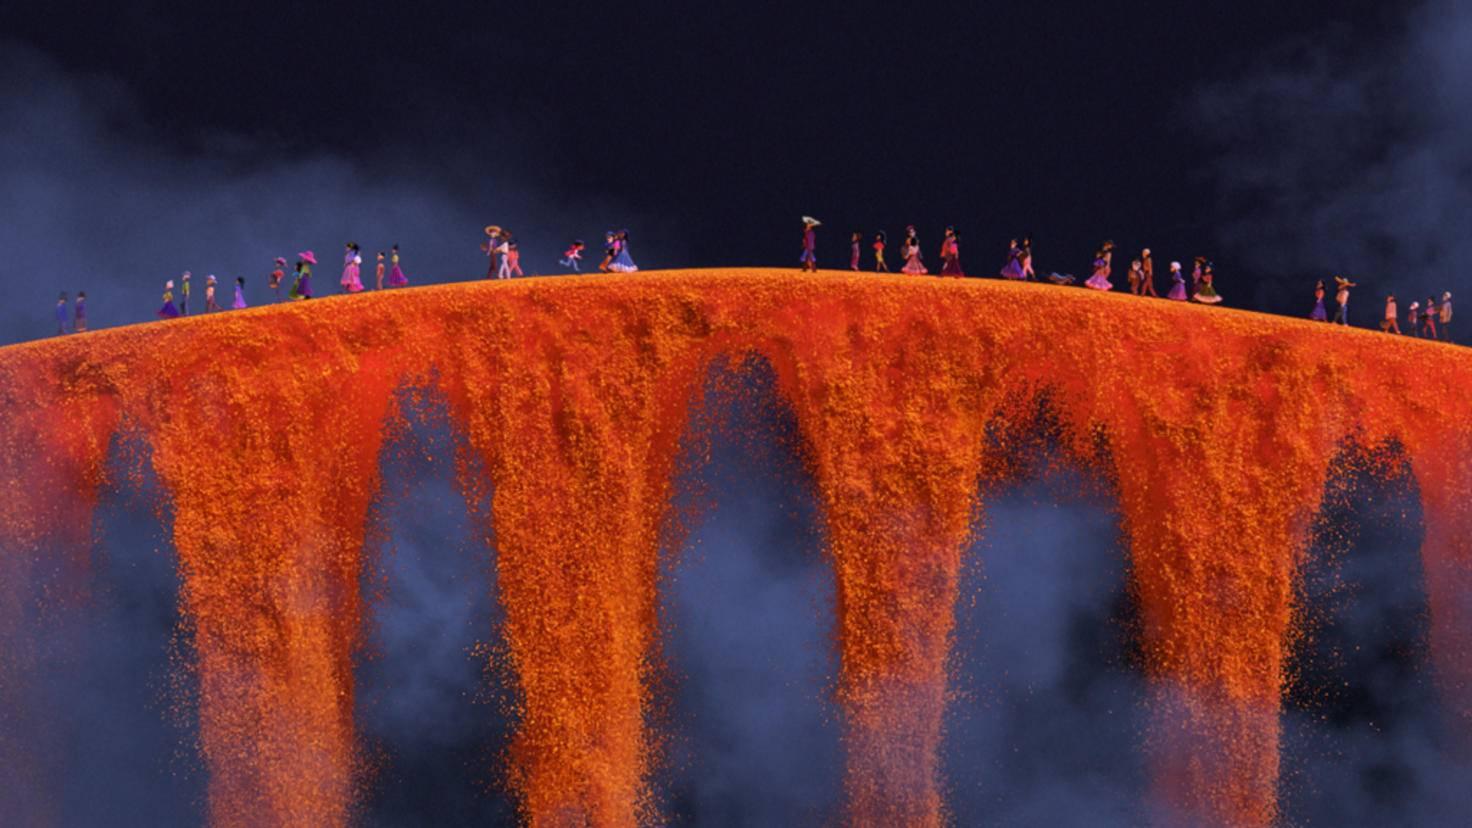 Die Blumenbrücke ist wie von Disney•Pixar gewohnt mit viel Liebe zum Detail gestaltet worden.